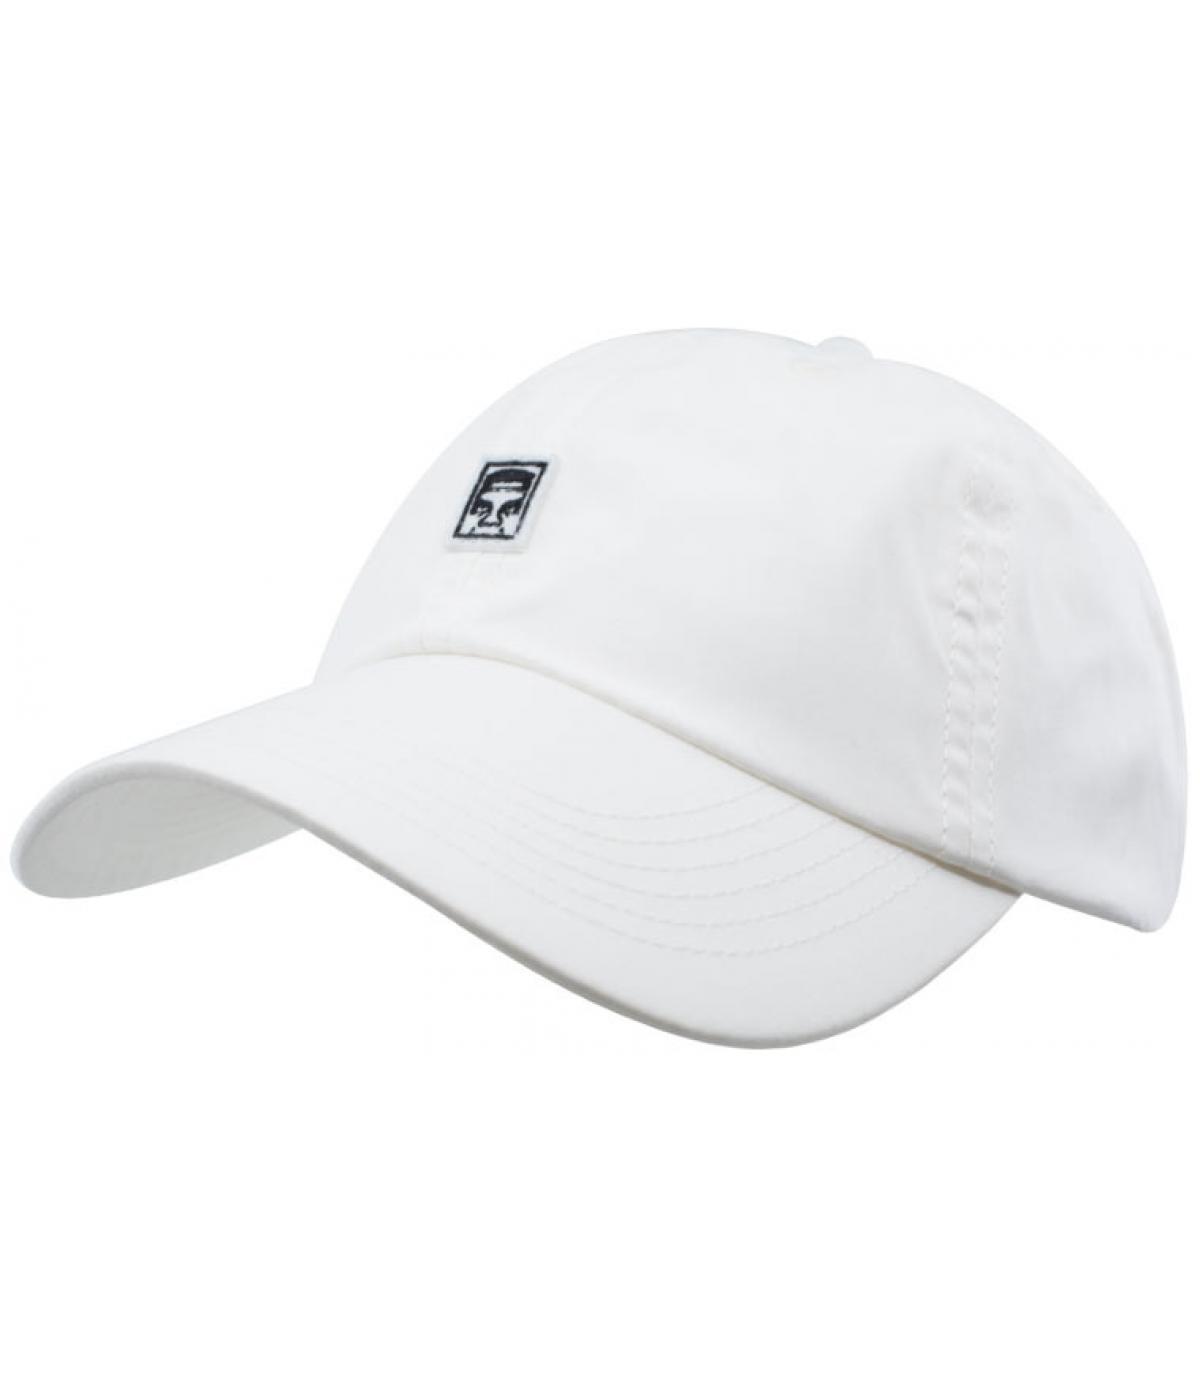 Obey white cap giant